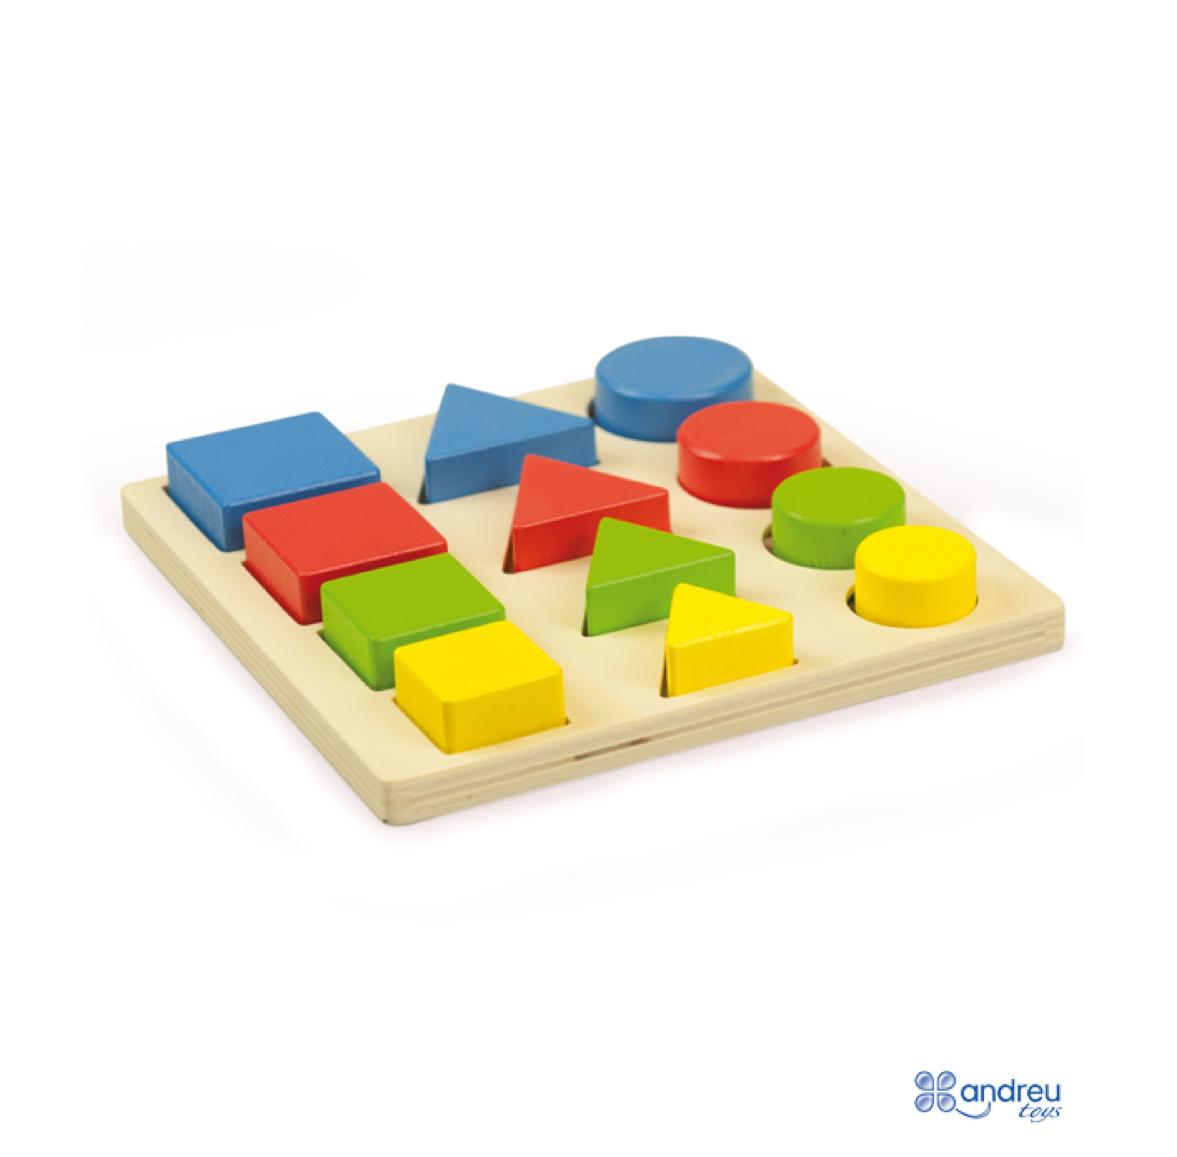 3-formas-geometricas-geo-shapes-de-andreu-toys-en-el-mundo-de-mico